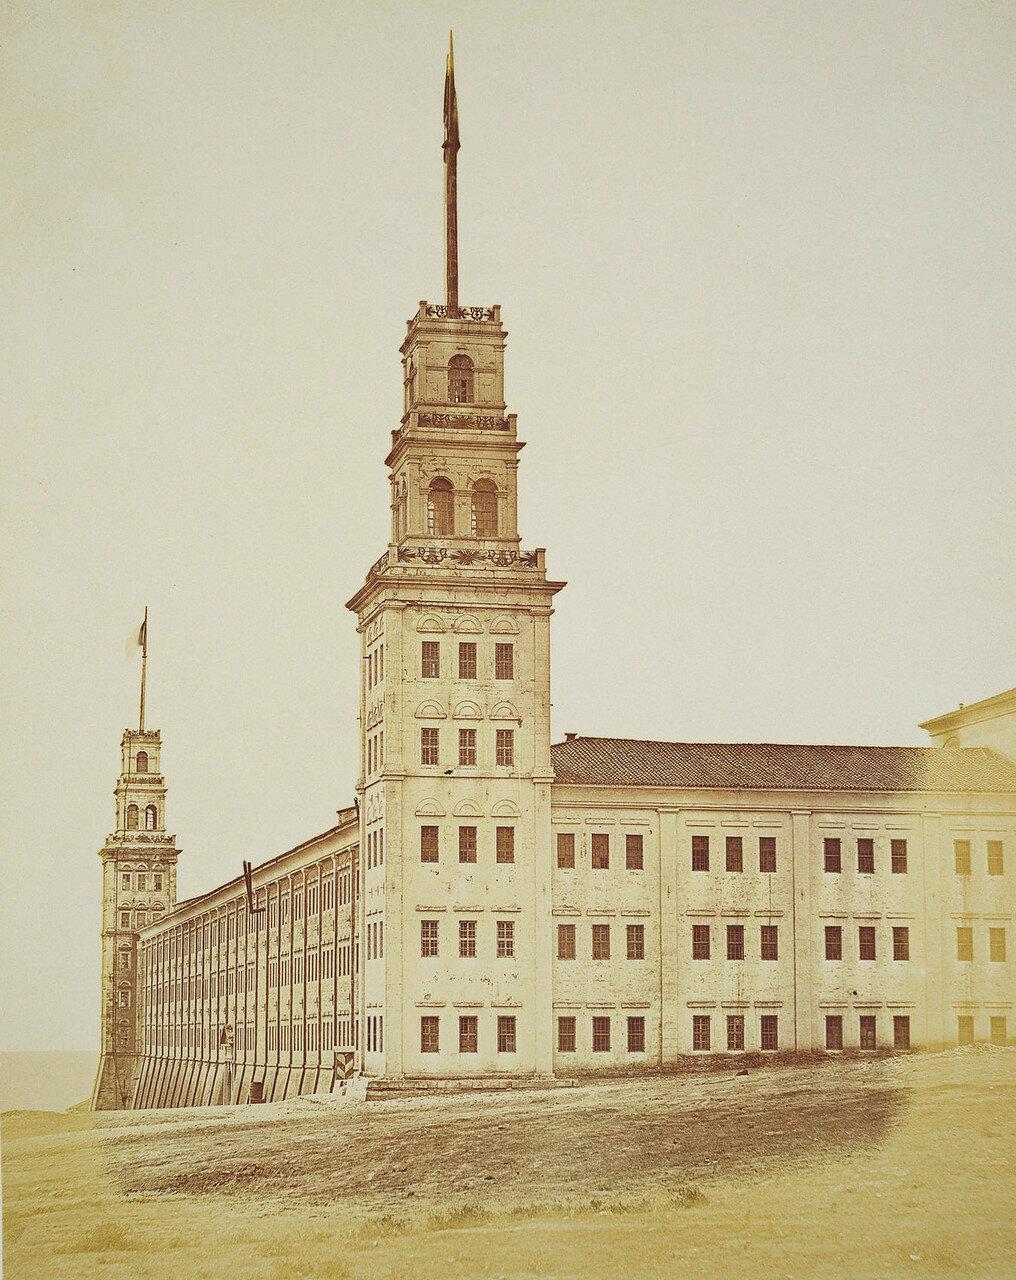 Башня больничного барака в Скутари (Константинополь)